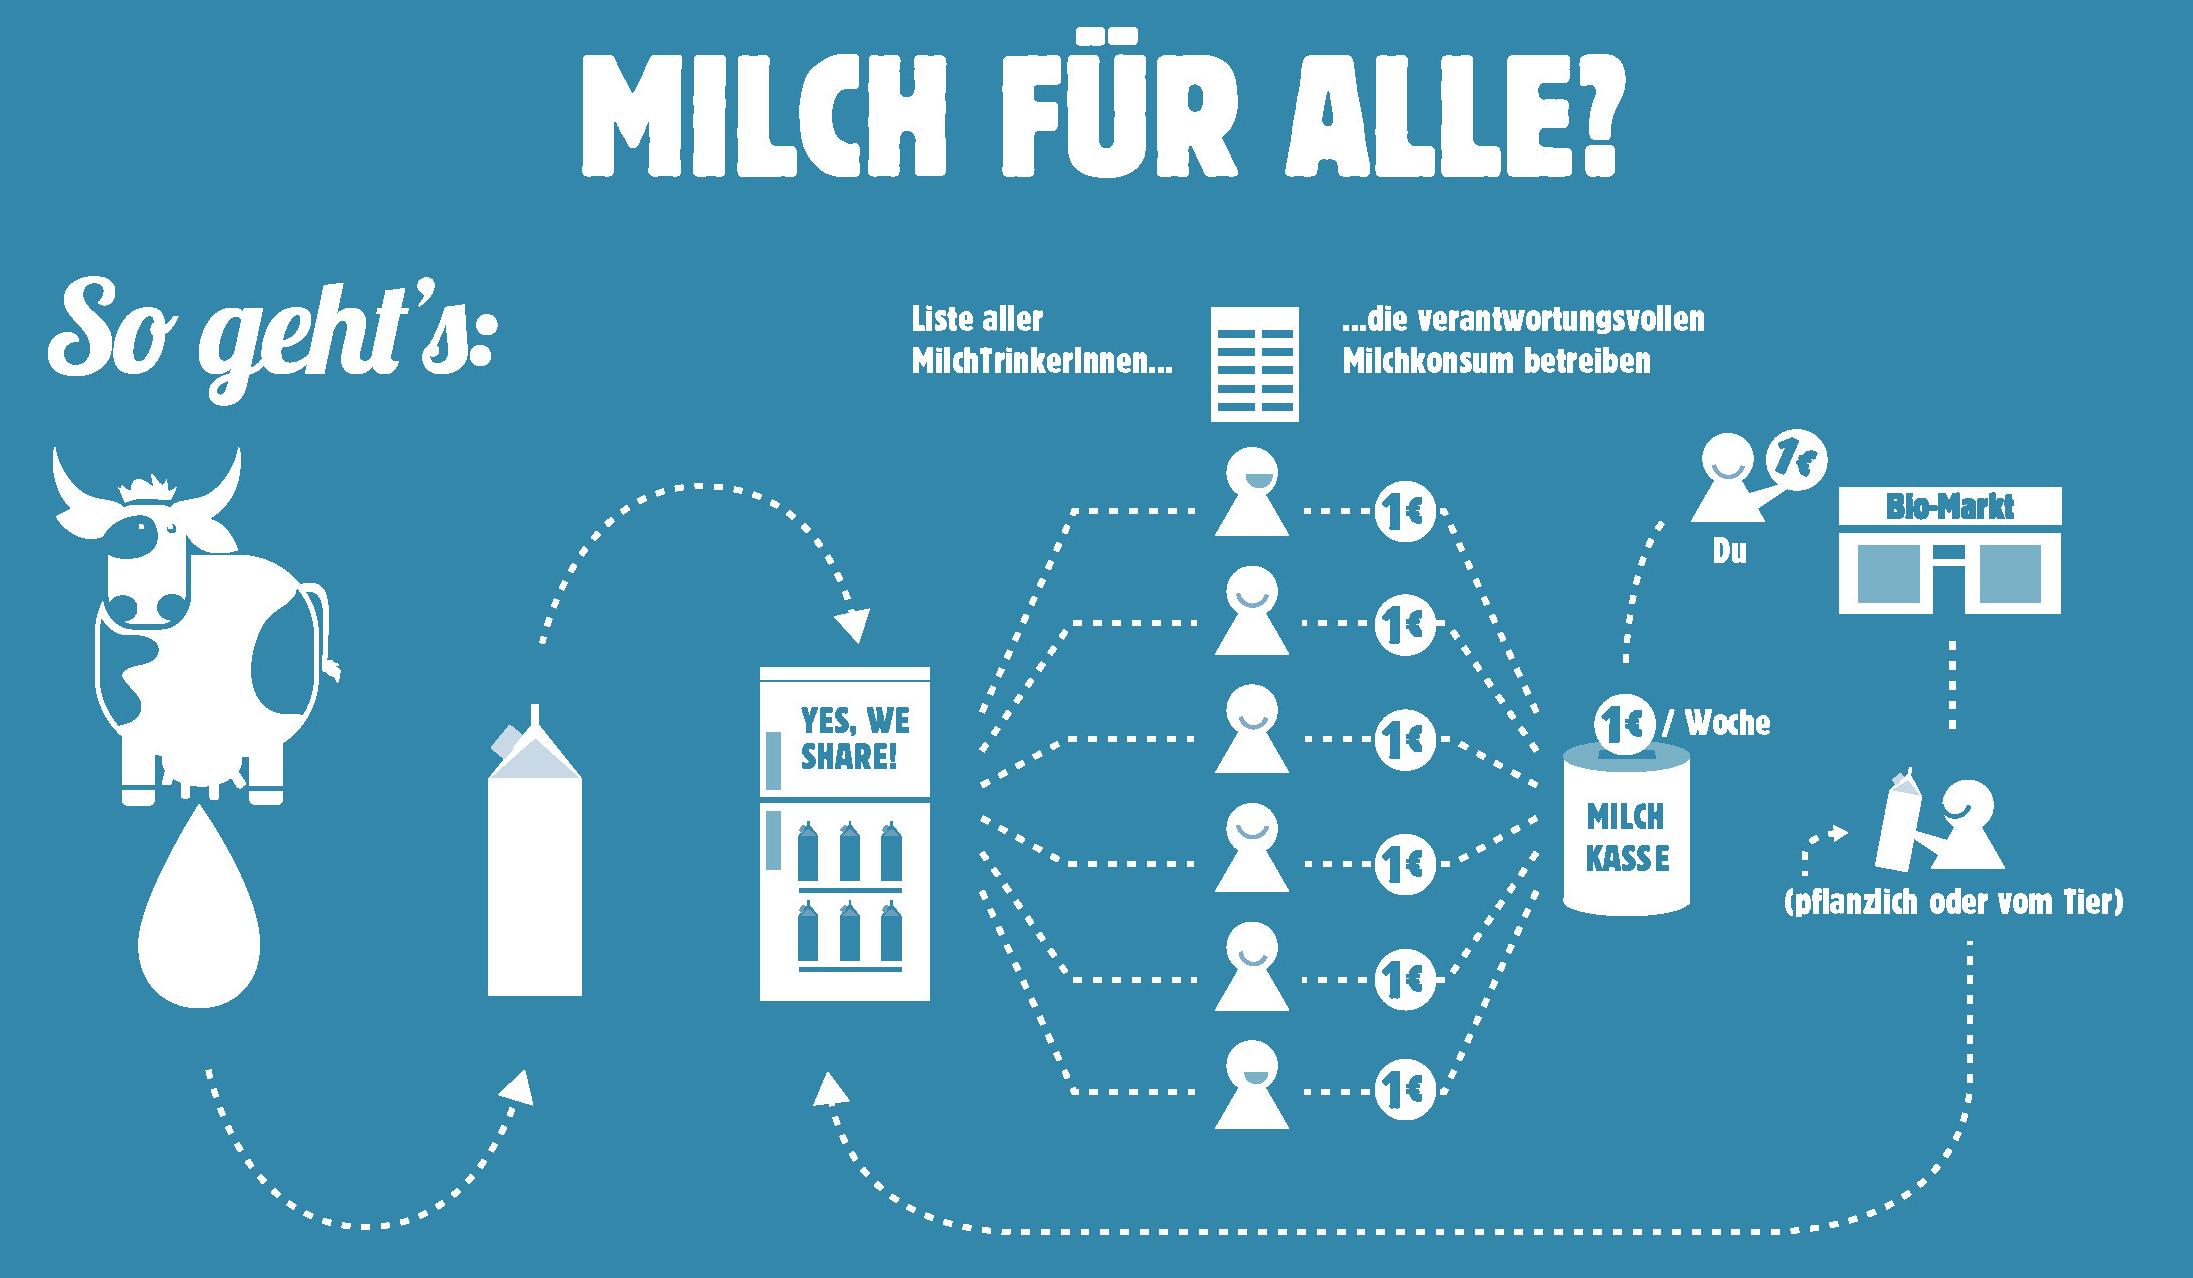 Milch_01.jpg